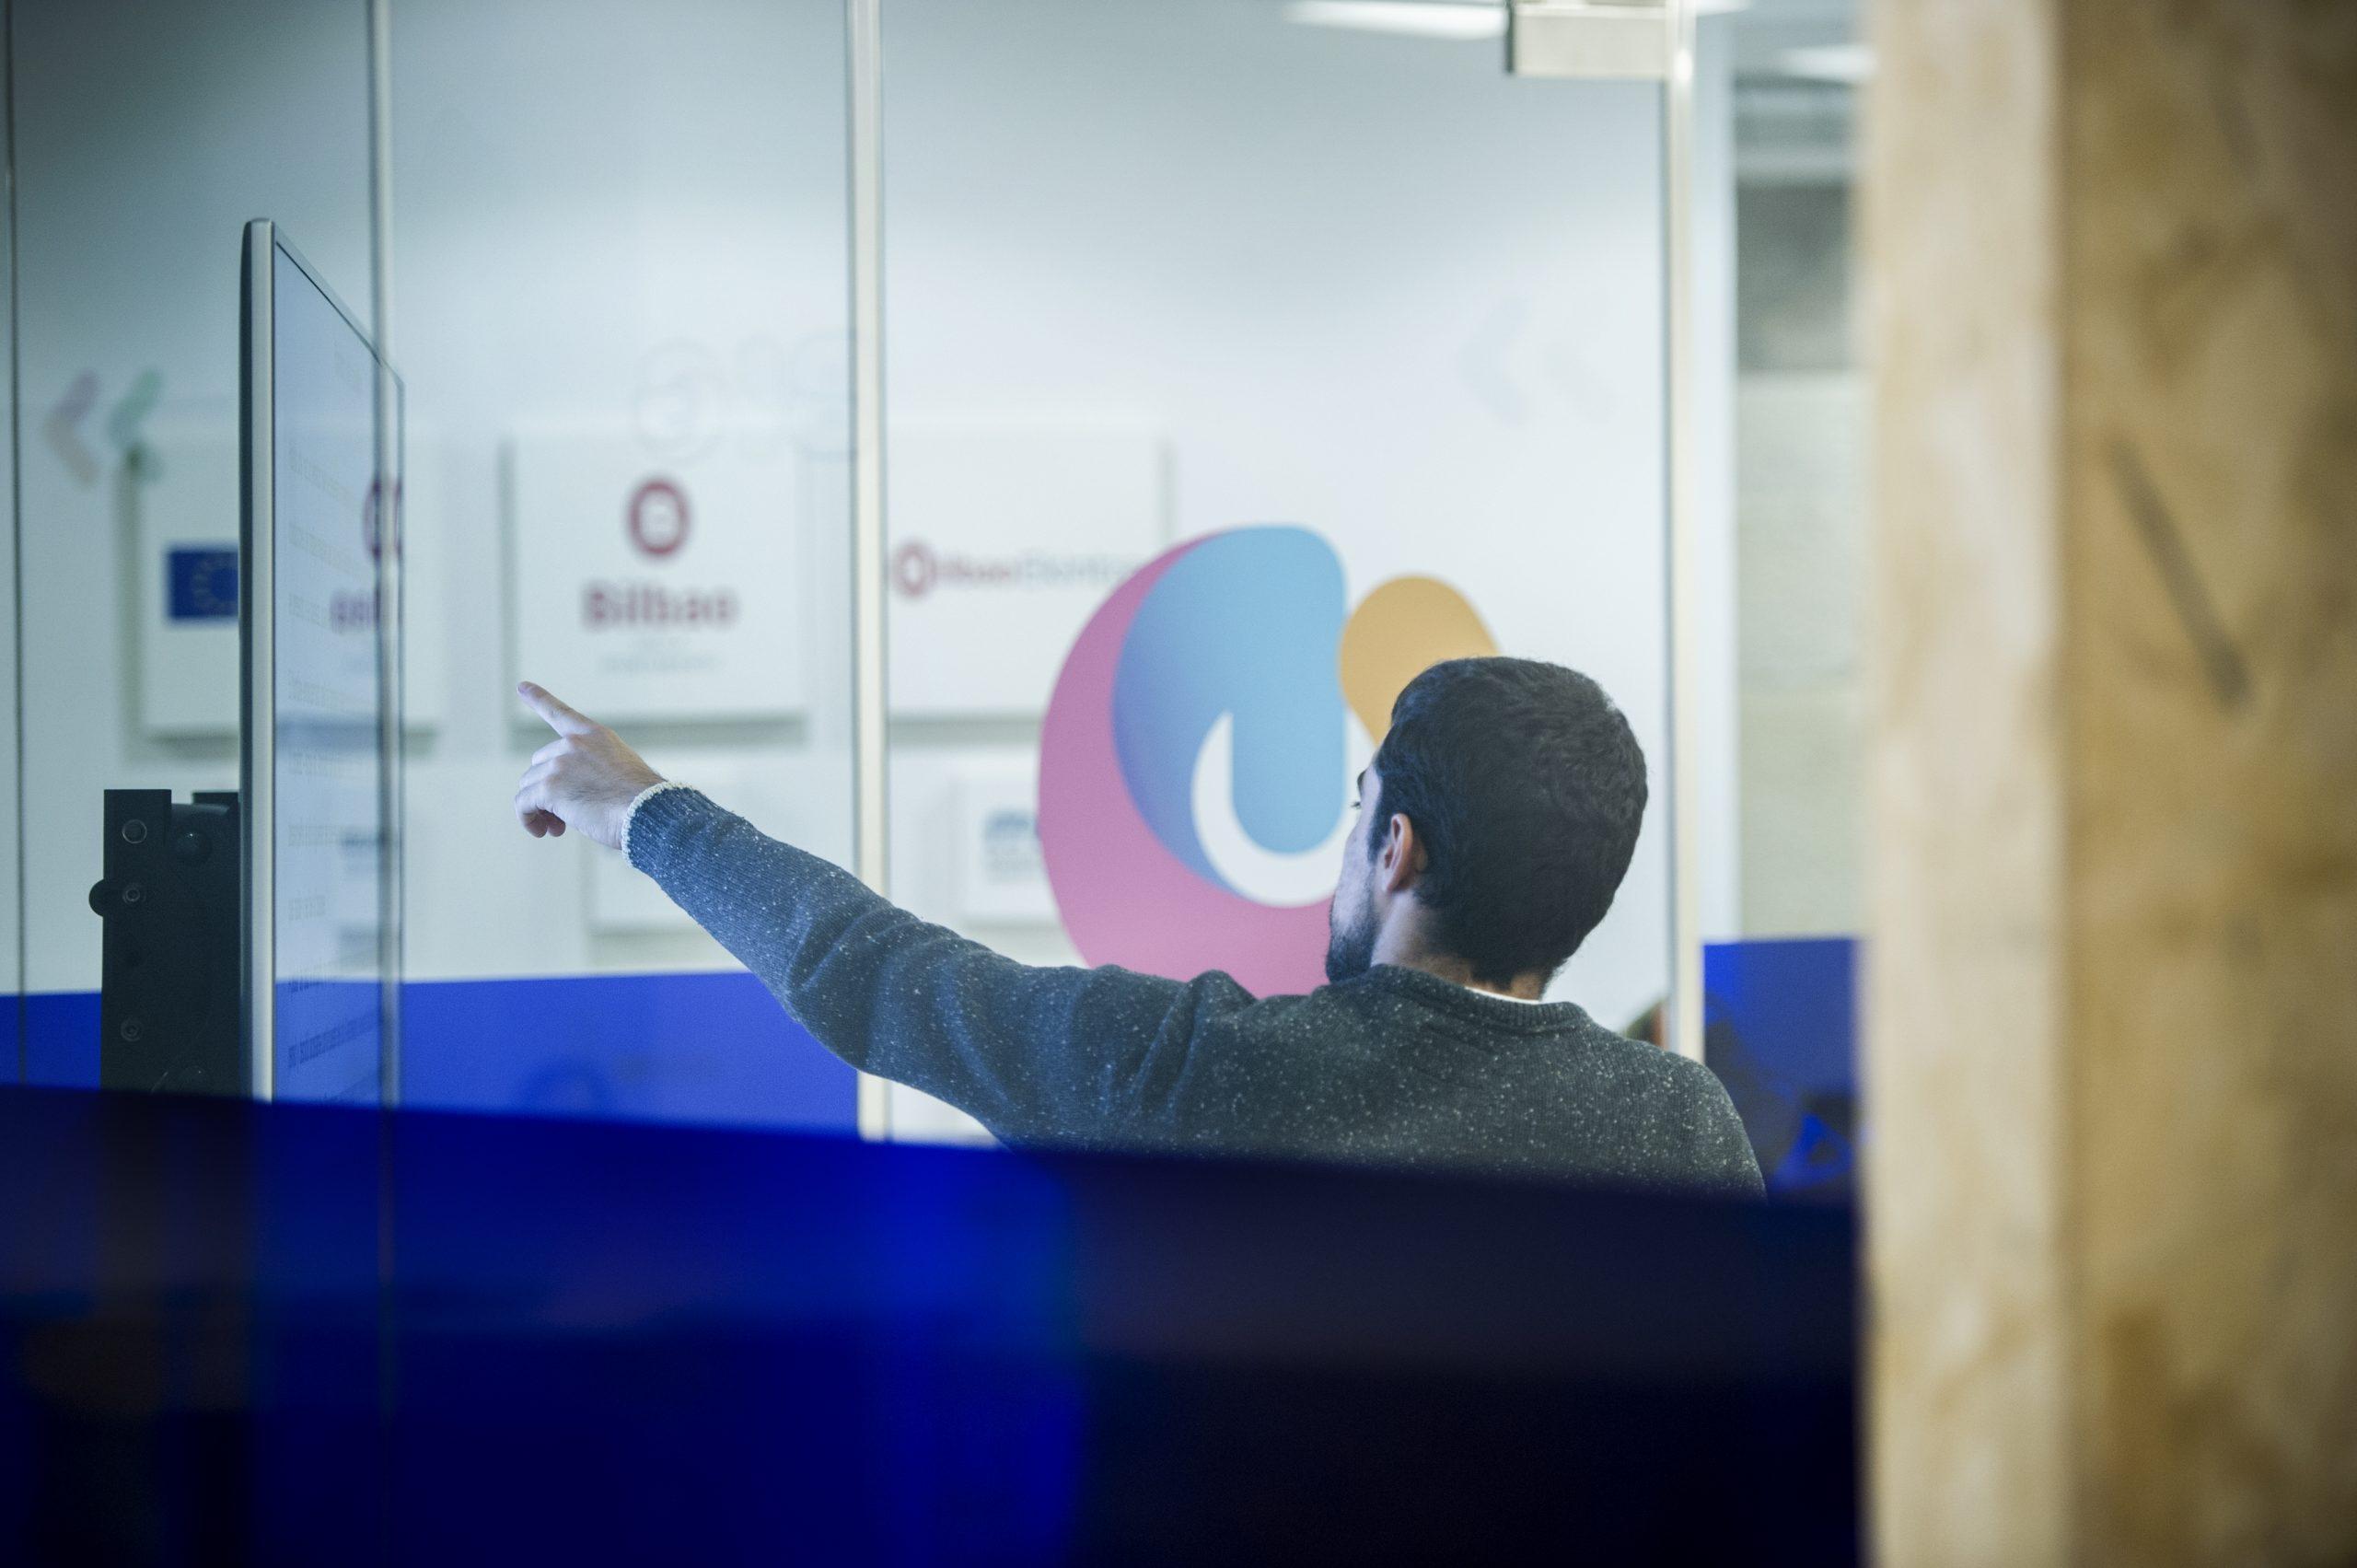 Experto de Big Bilbao empleando recursos digitales en una formación